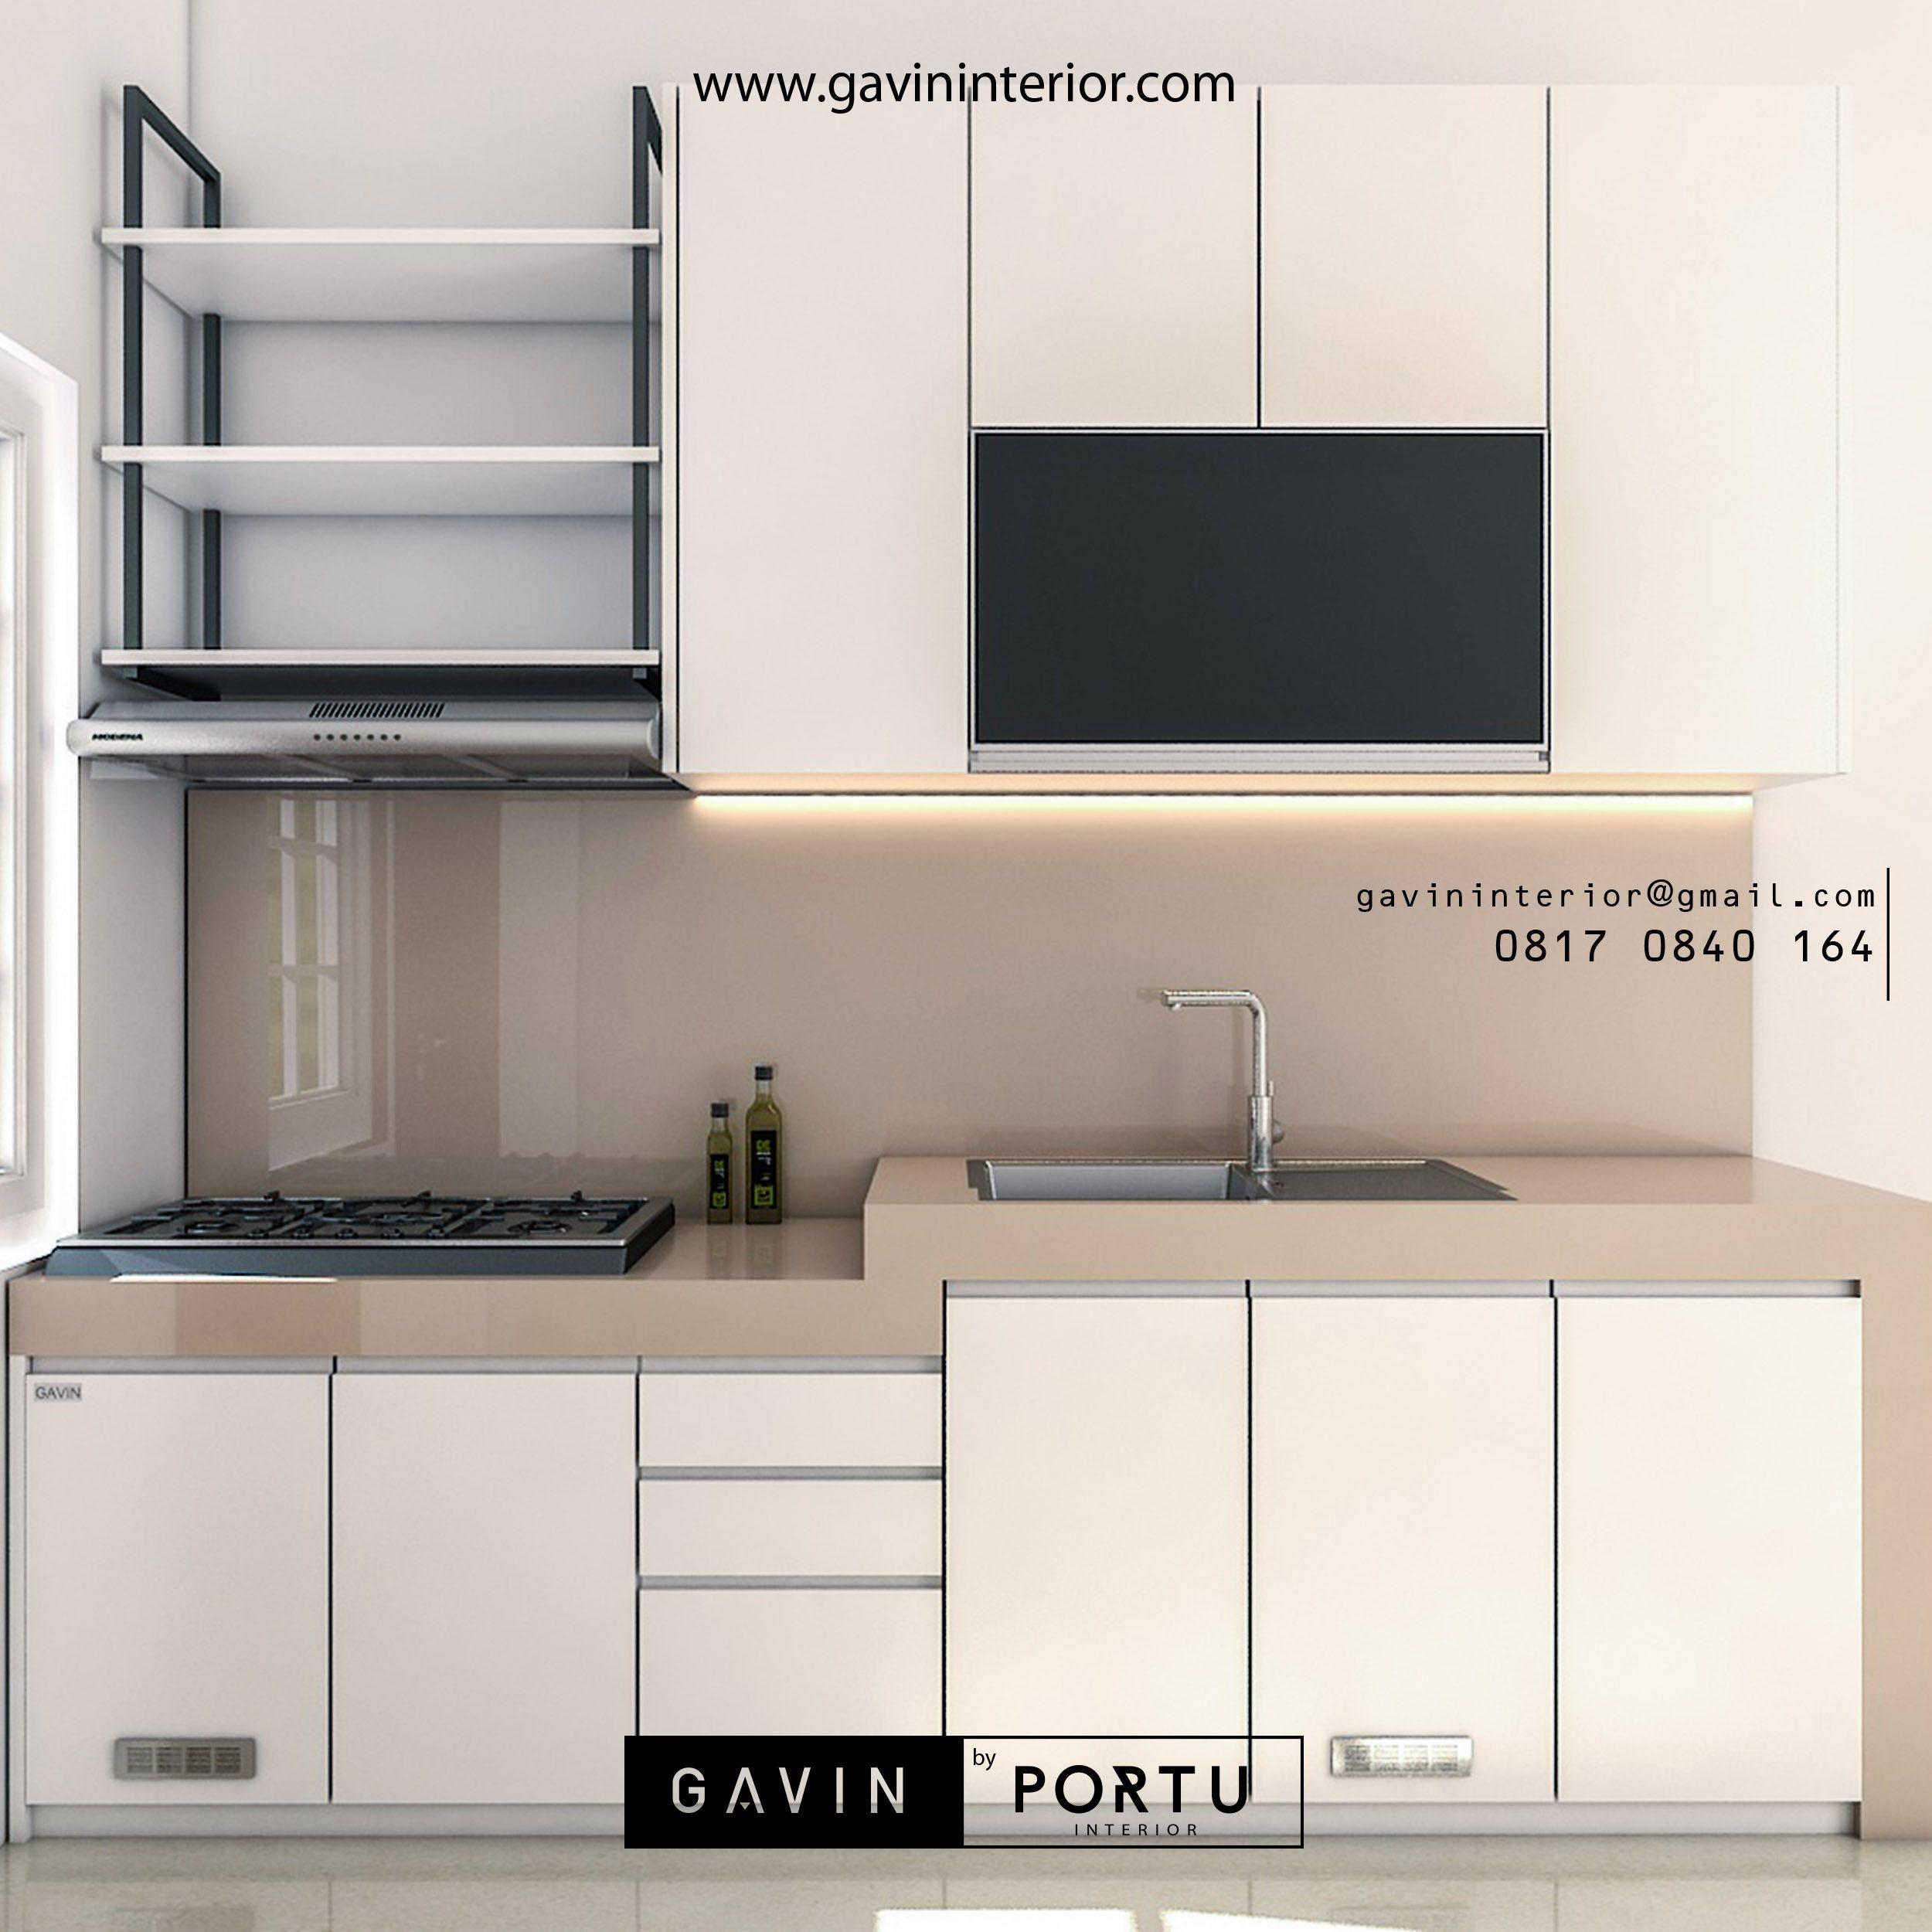 Kitchen Set Adalah Satu Set Rak Berserta Dengan Kabinet Yang Digunakan Sebagai Tempat Menyimpan Makanan Bah Kitchen Design Small Kitchen Sets Kitchen Cabinets